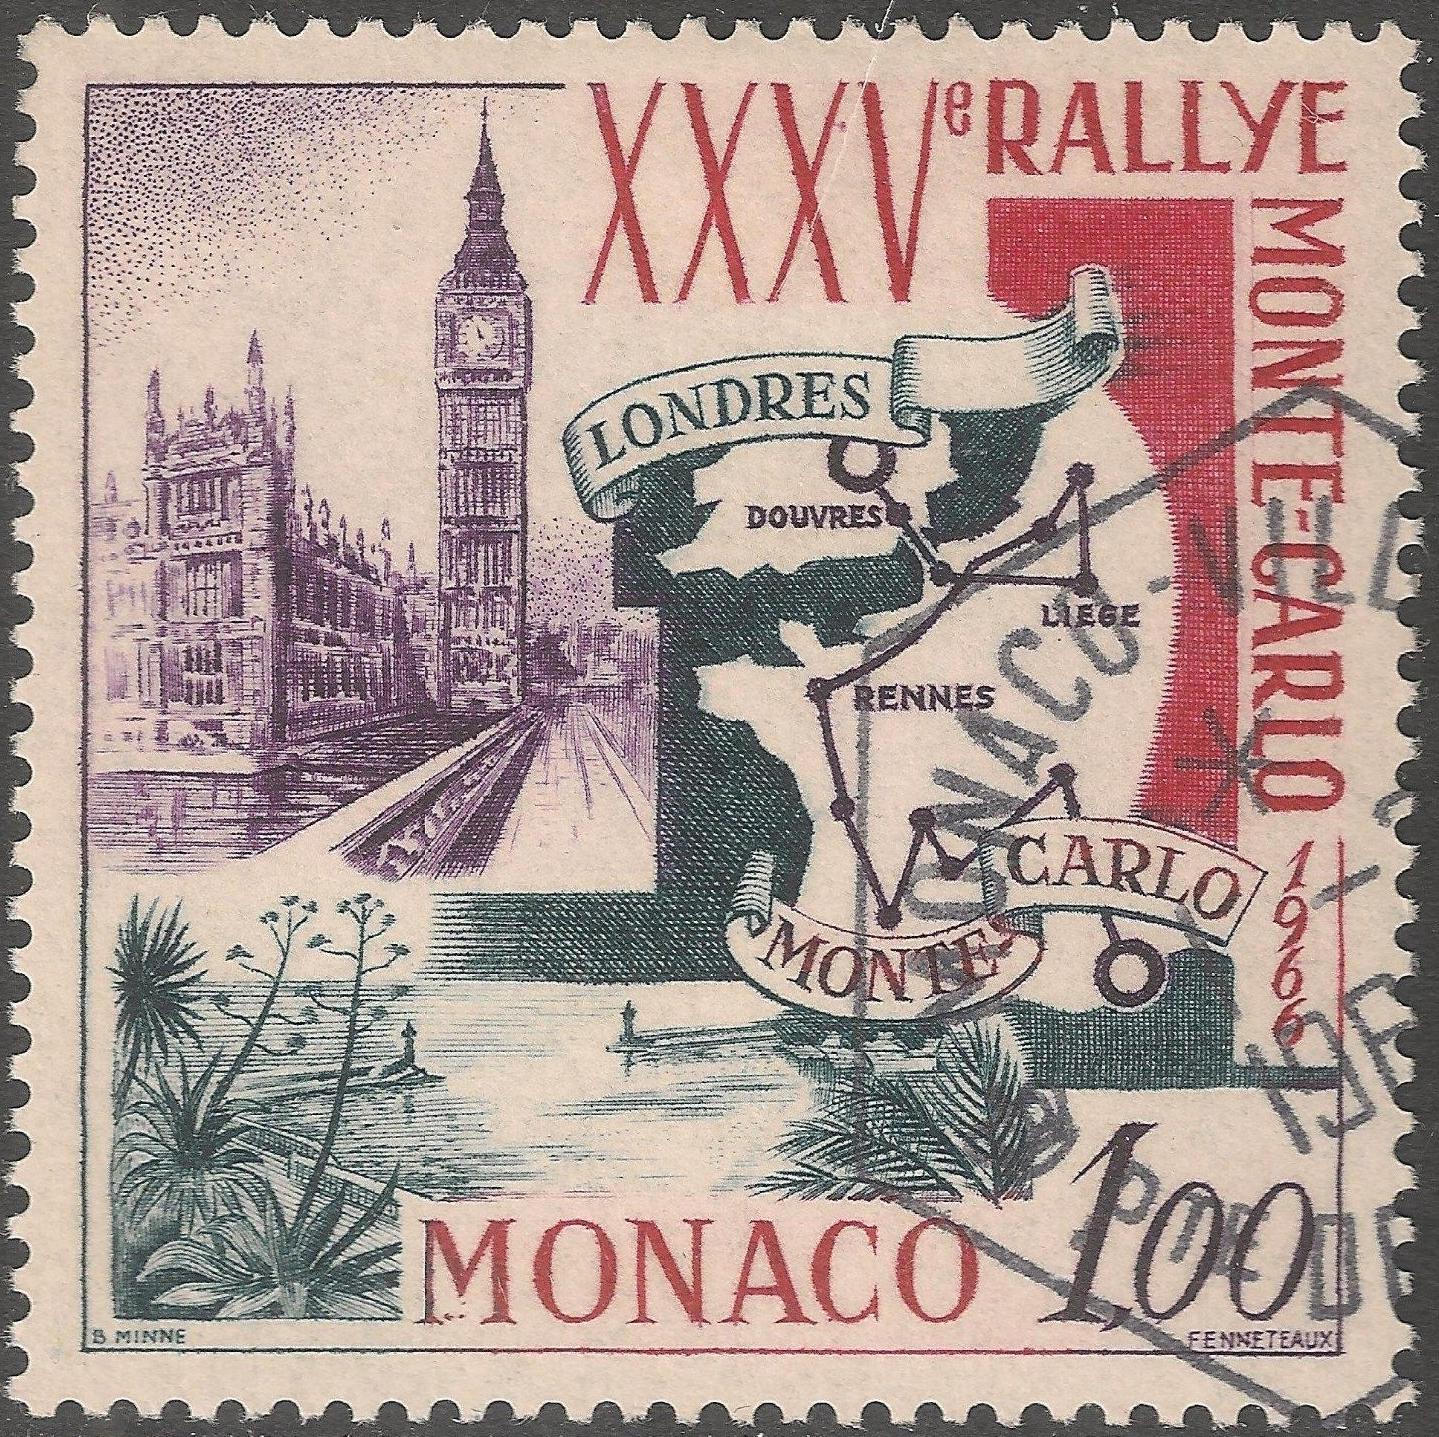 Monaco - Scott #629 (1966) used